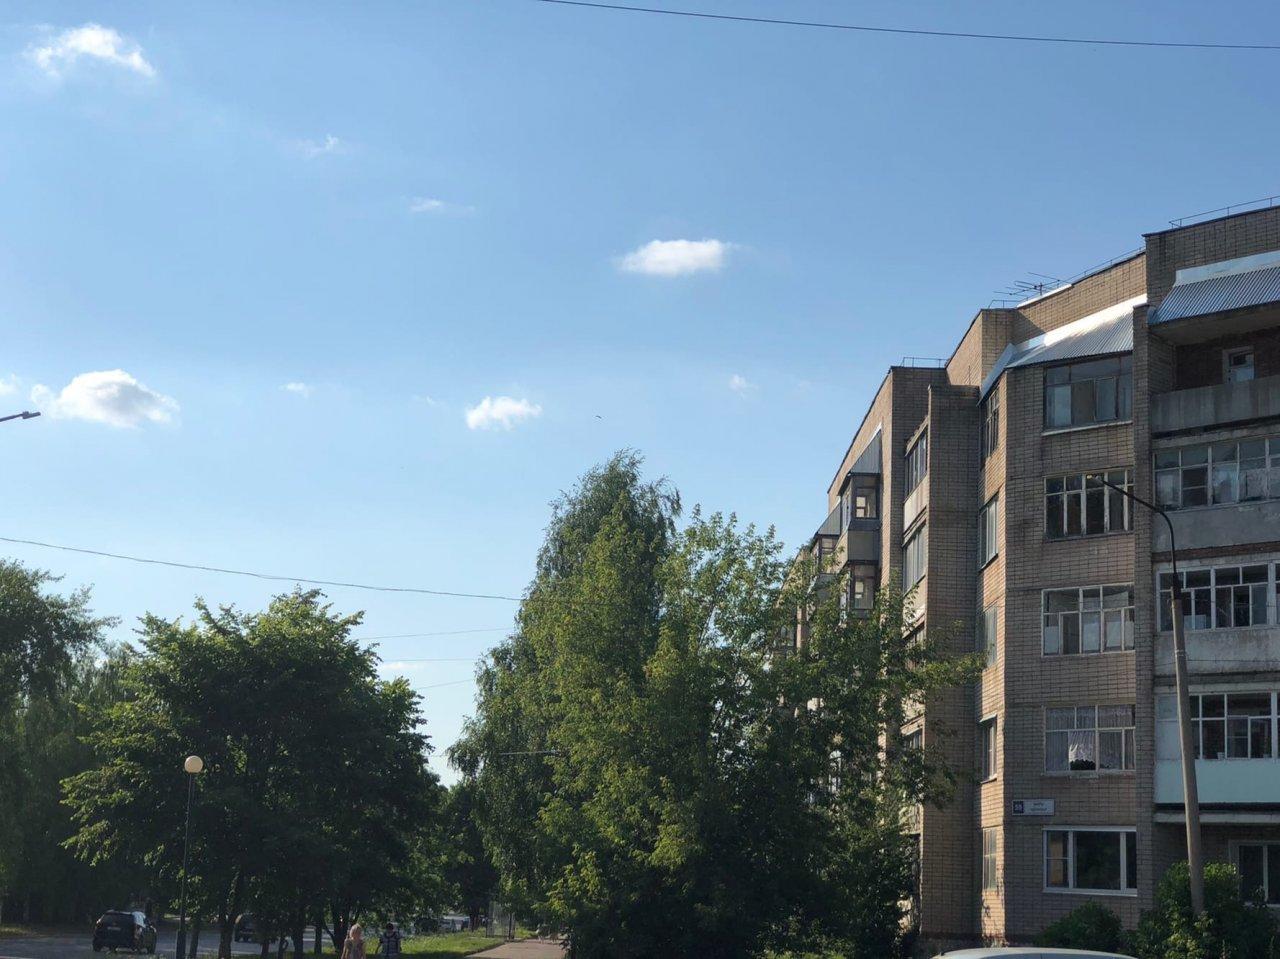 Опубликован предварительный прогноз погоды на август в Кирово-Чепецке